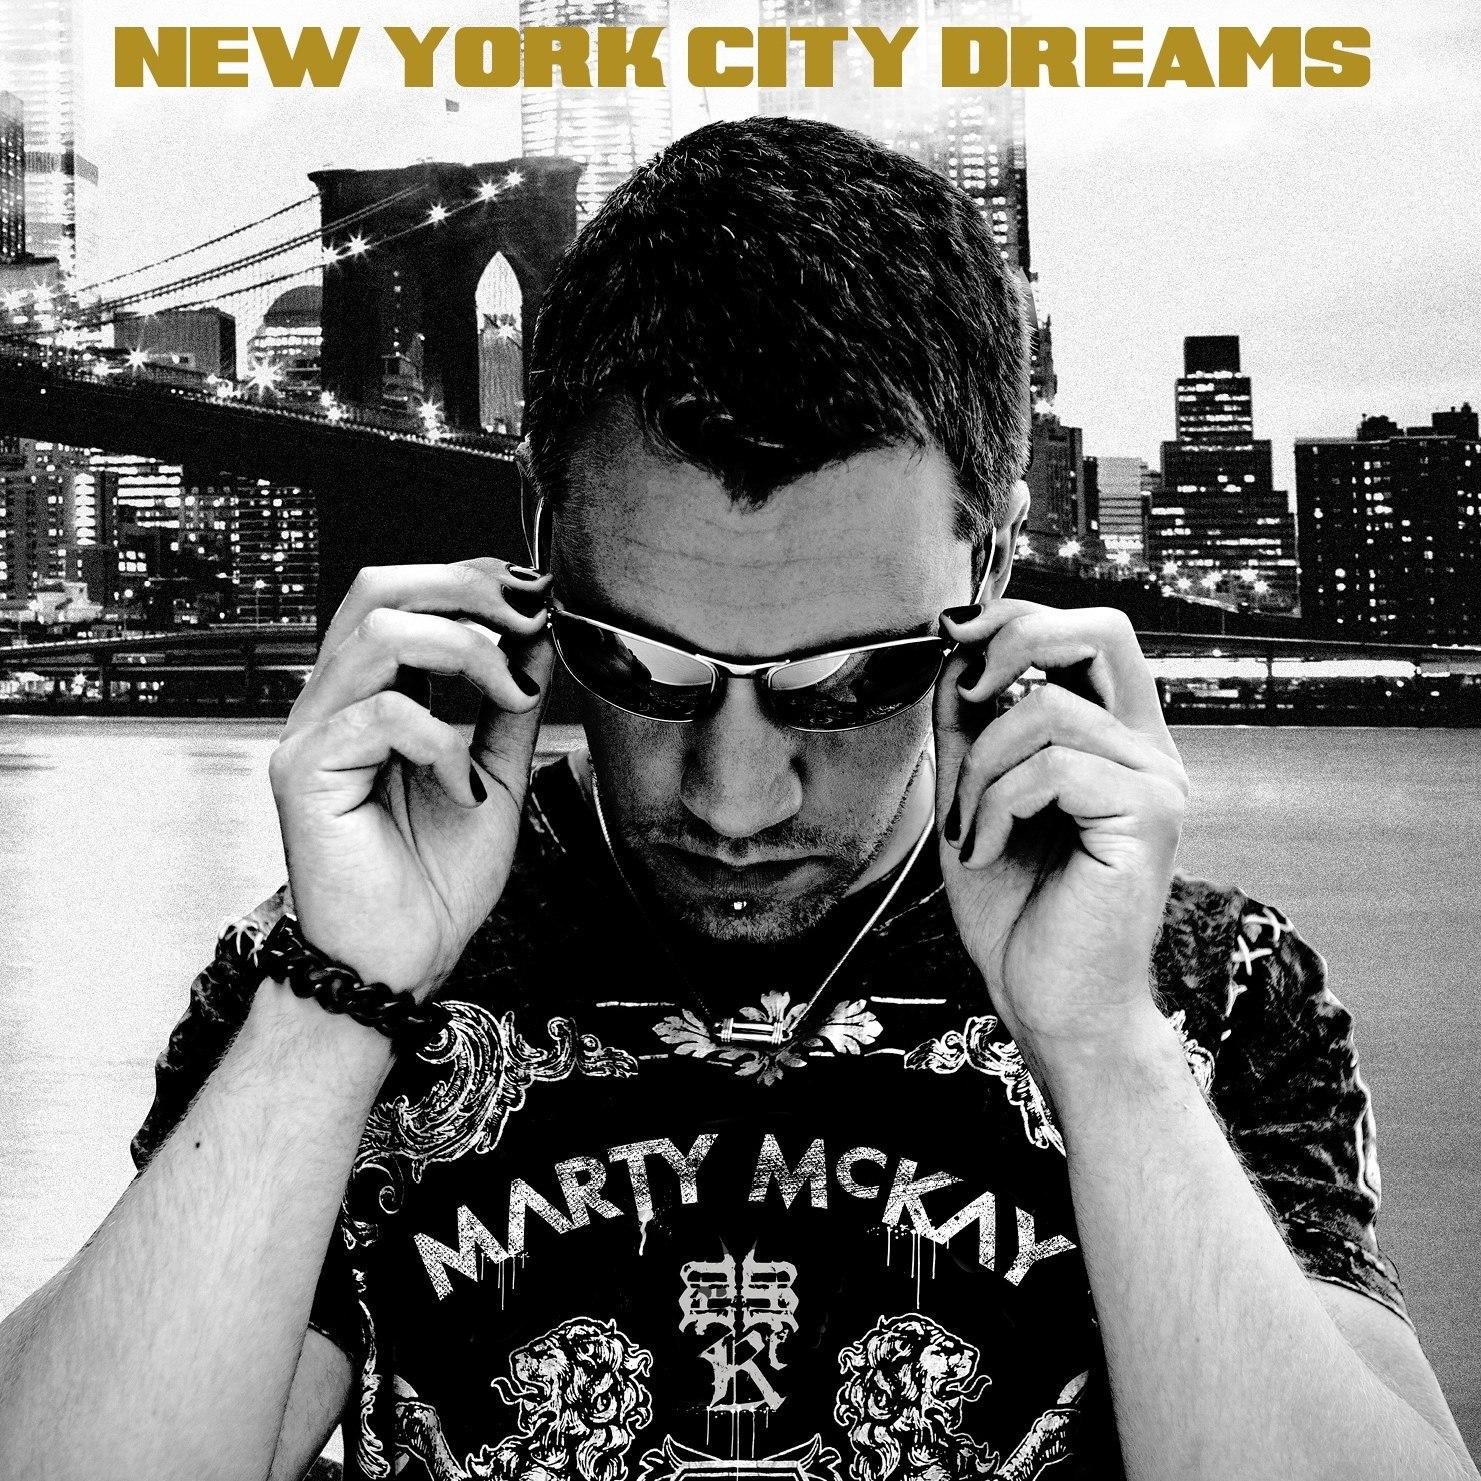 marty mckay new york city dreams